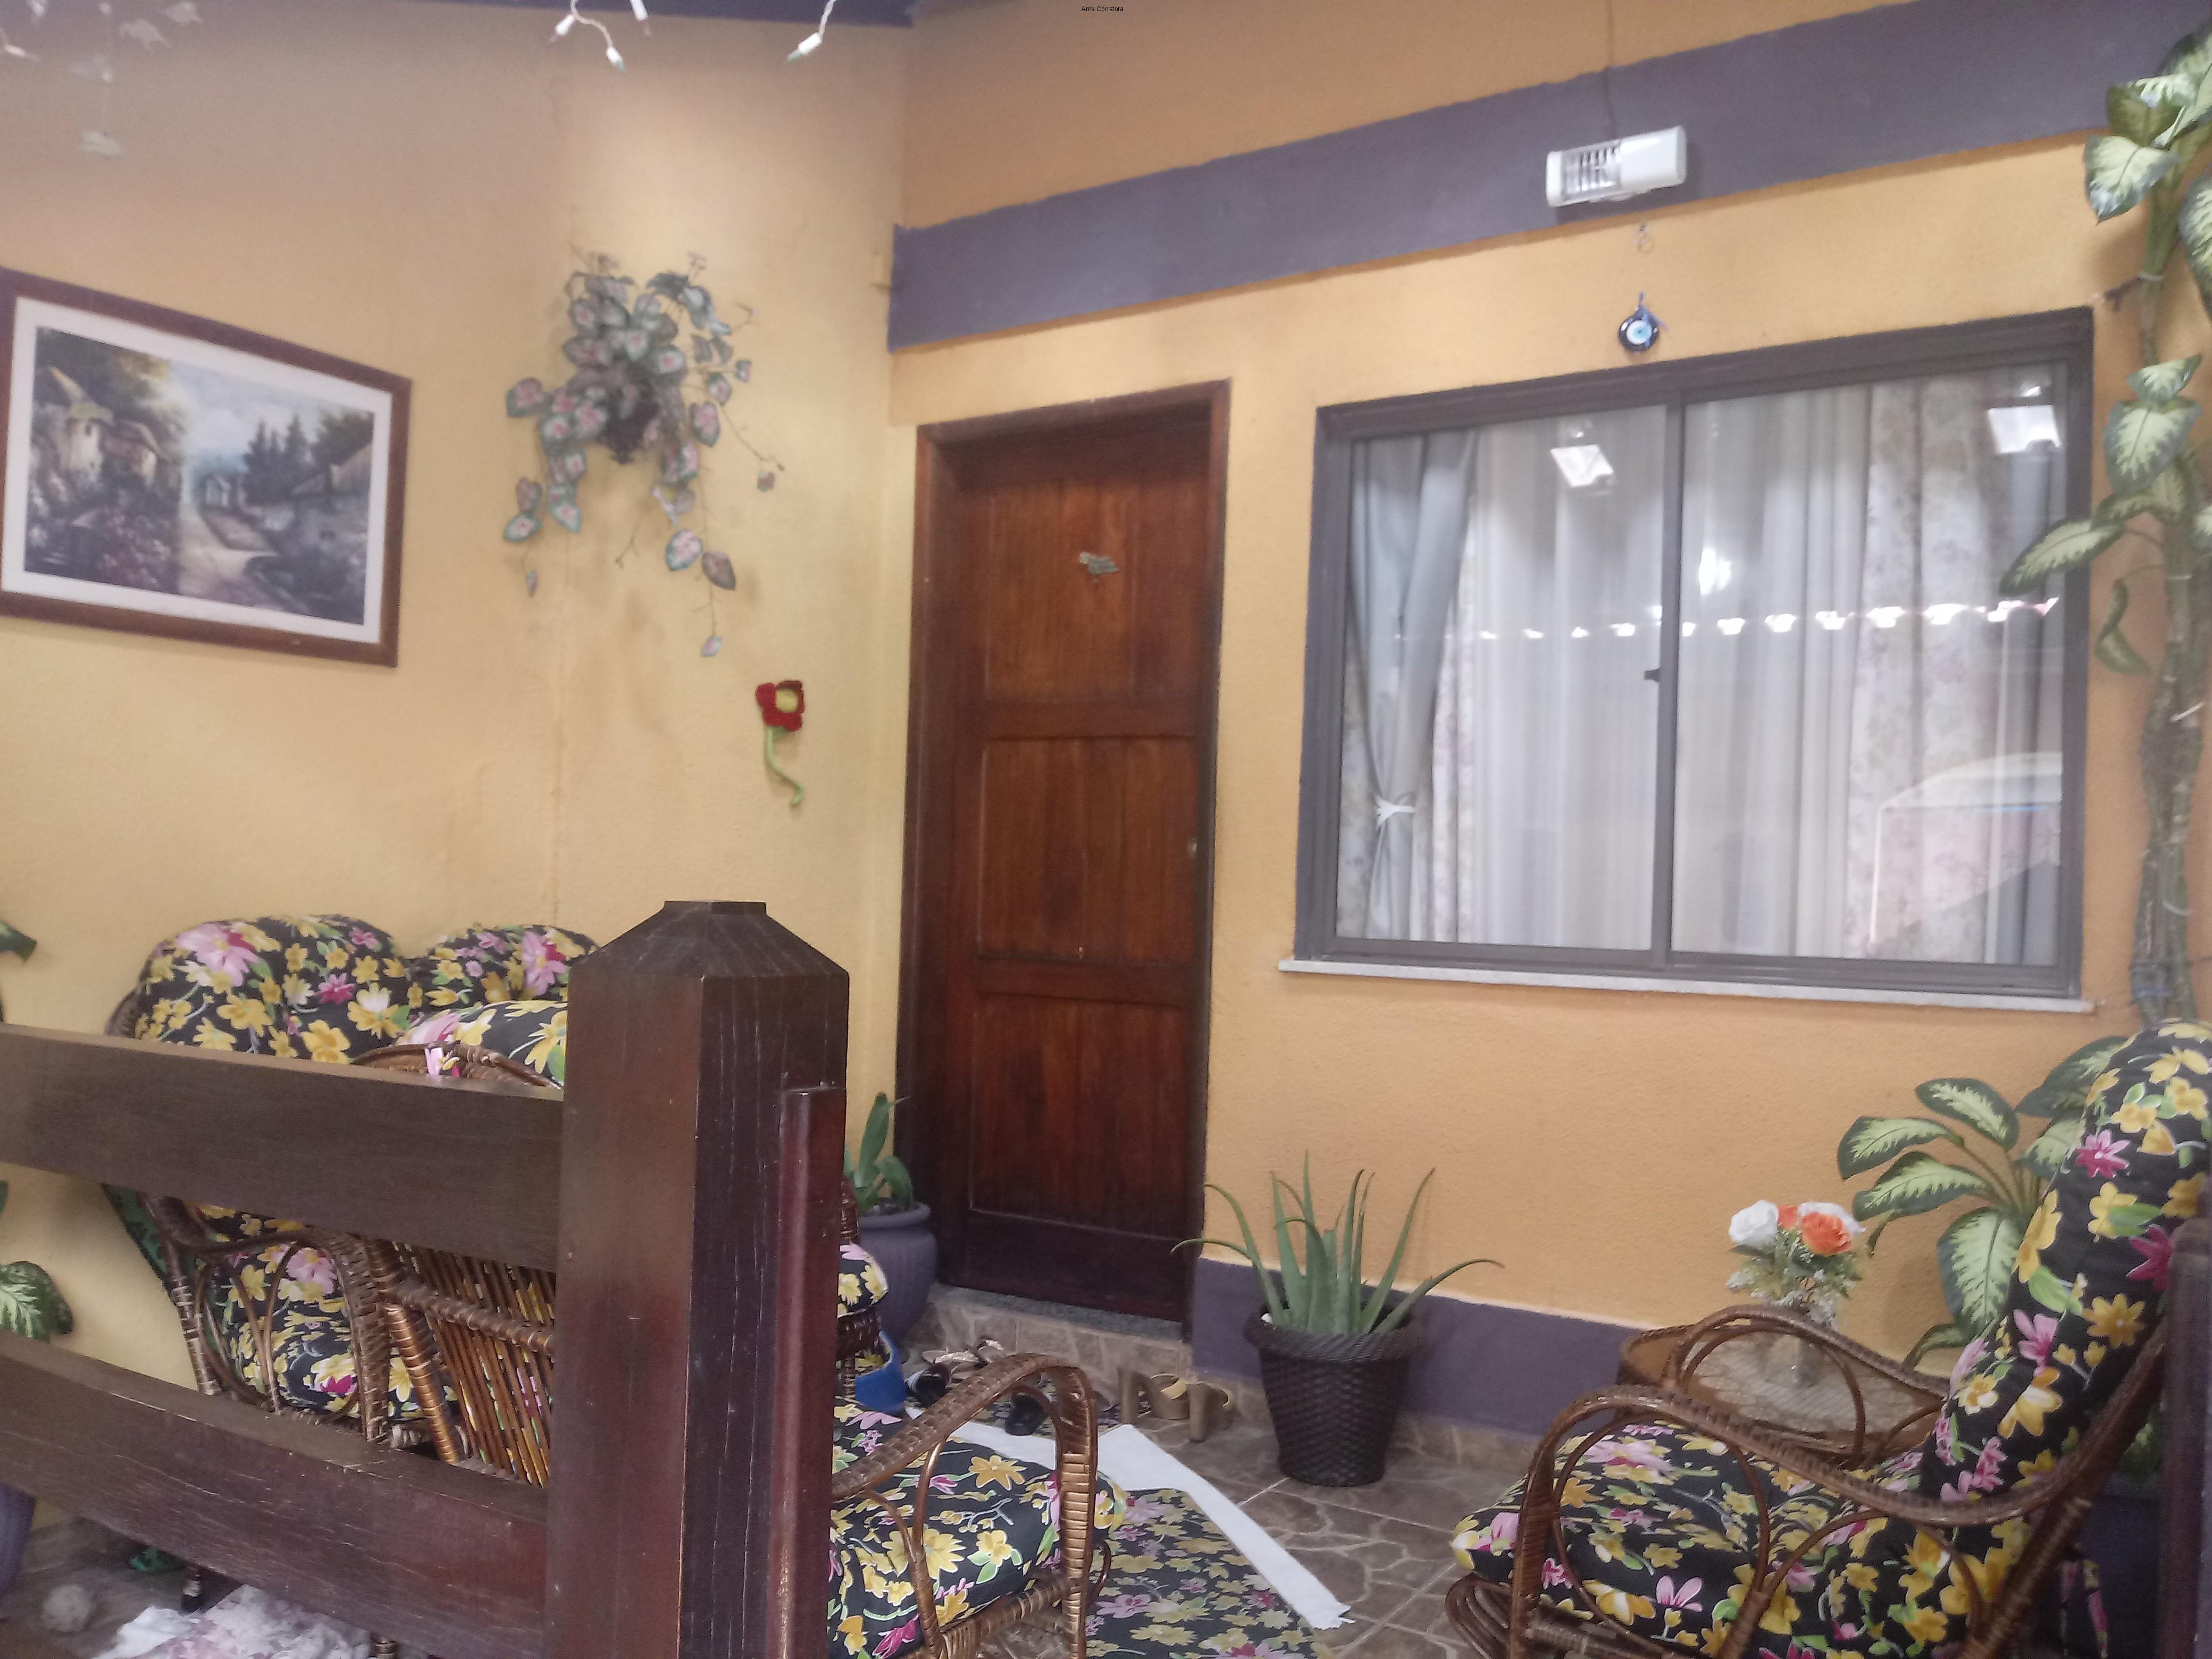 FOTO 02 - Casa 2 quartos à venda Campo Grande, Rio de Janeiro - R$ 298.000 - CA00662 - 3